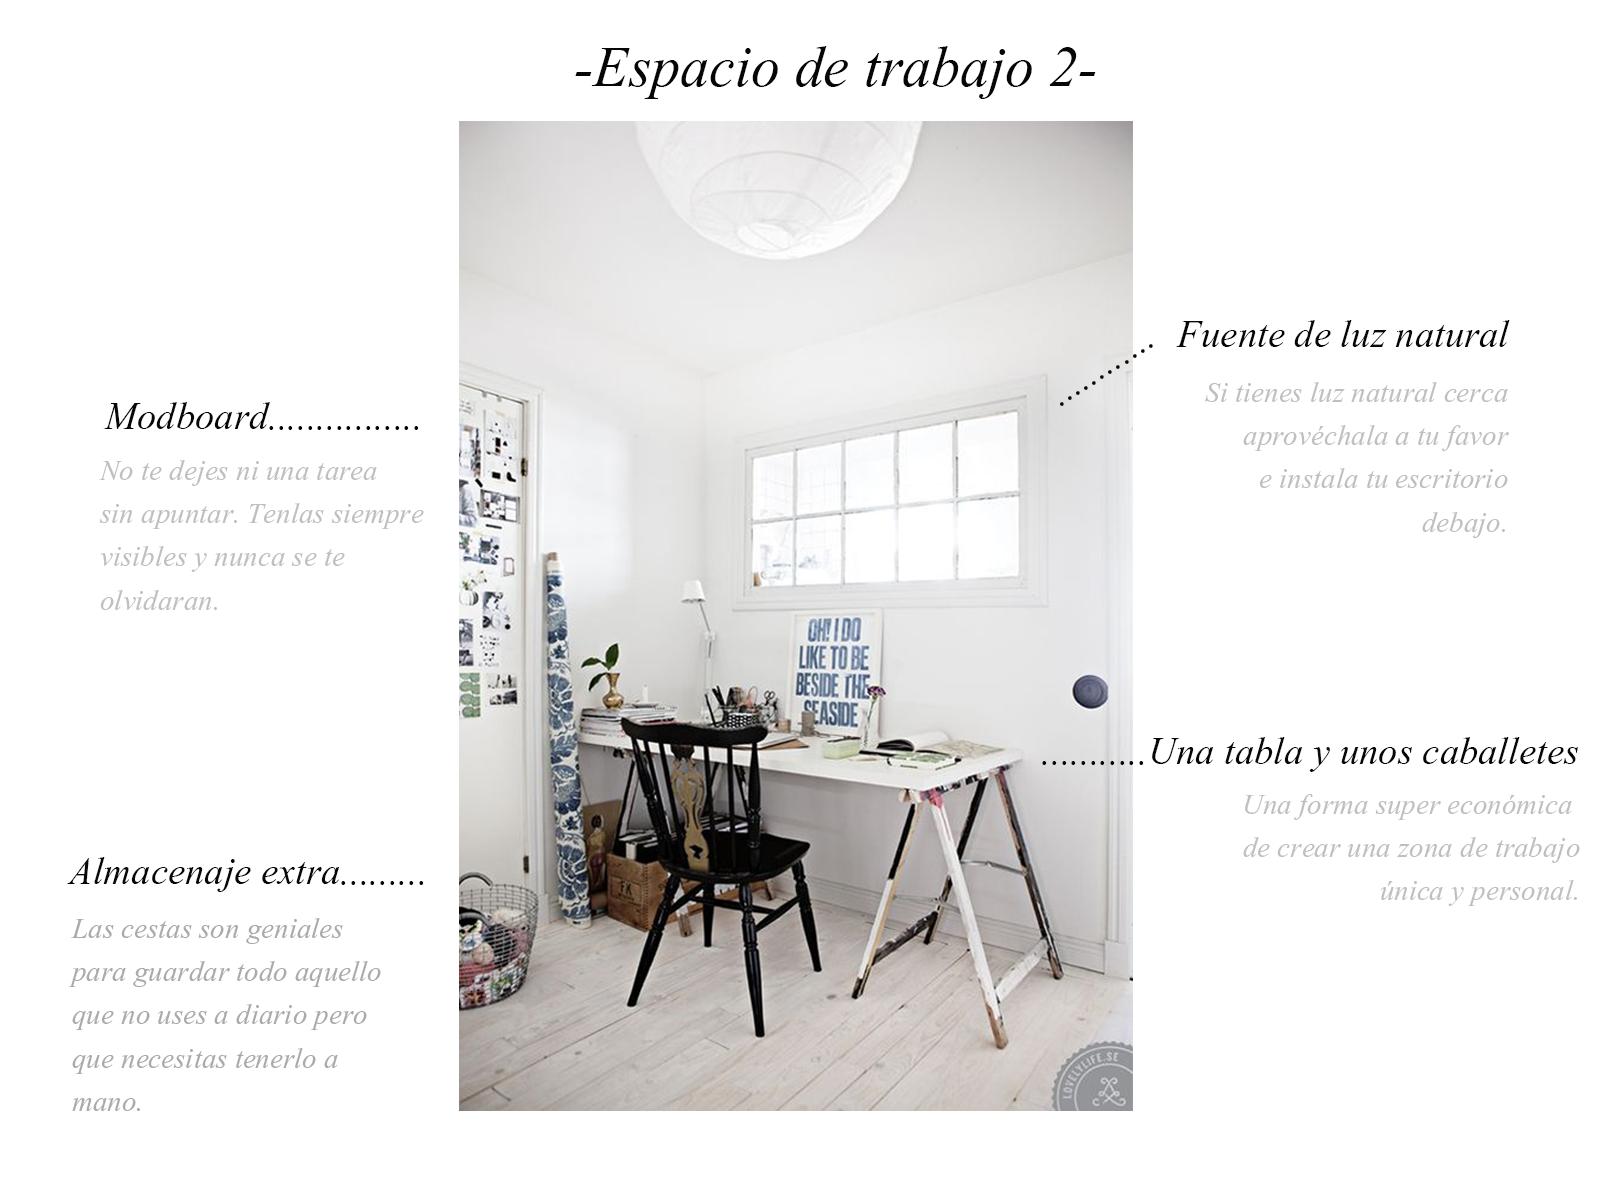 escritorios en casa vuelta al cole zona de trabajo en casa trabajar desde casa ideas alquimia deco interiorismo barcelona interiorsista low cost lowcost